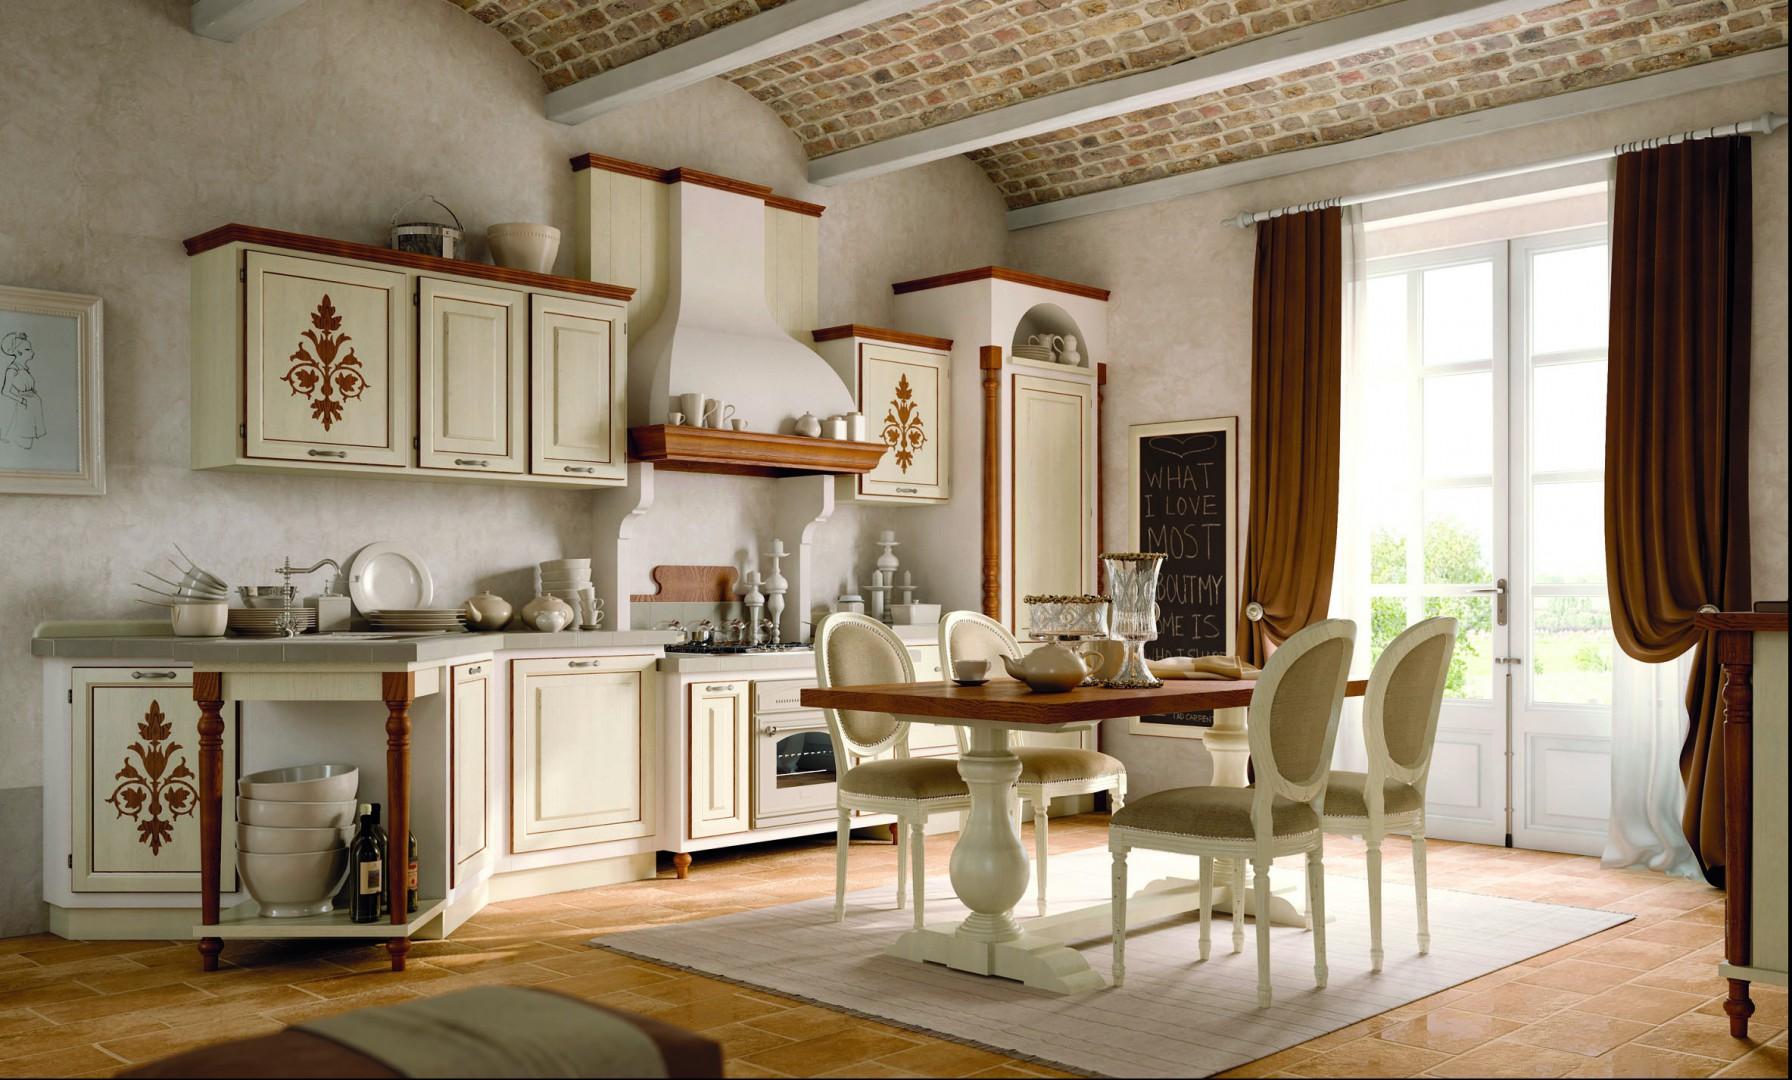 Urządzamy Kuchnia W Swojskim Stylu Najpiękniejsze Aranżacje